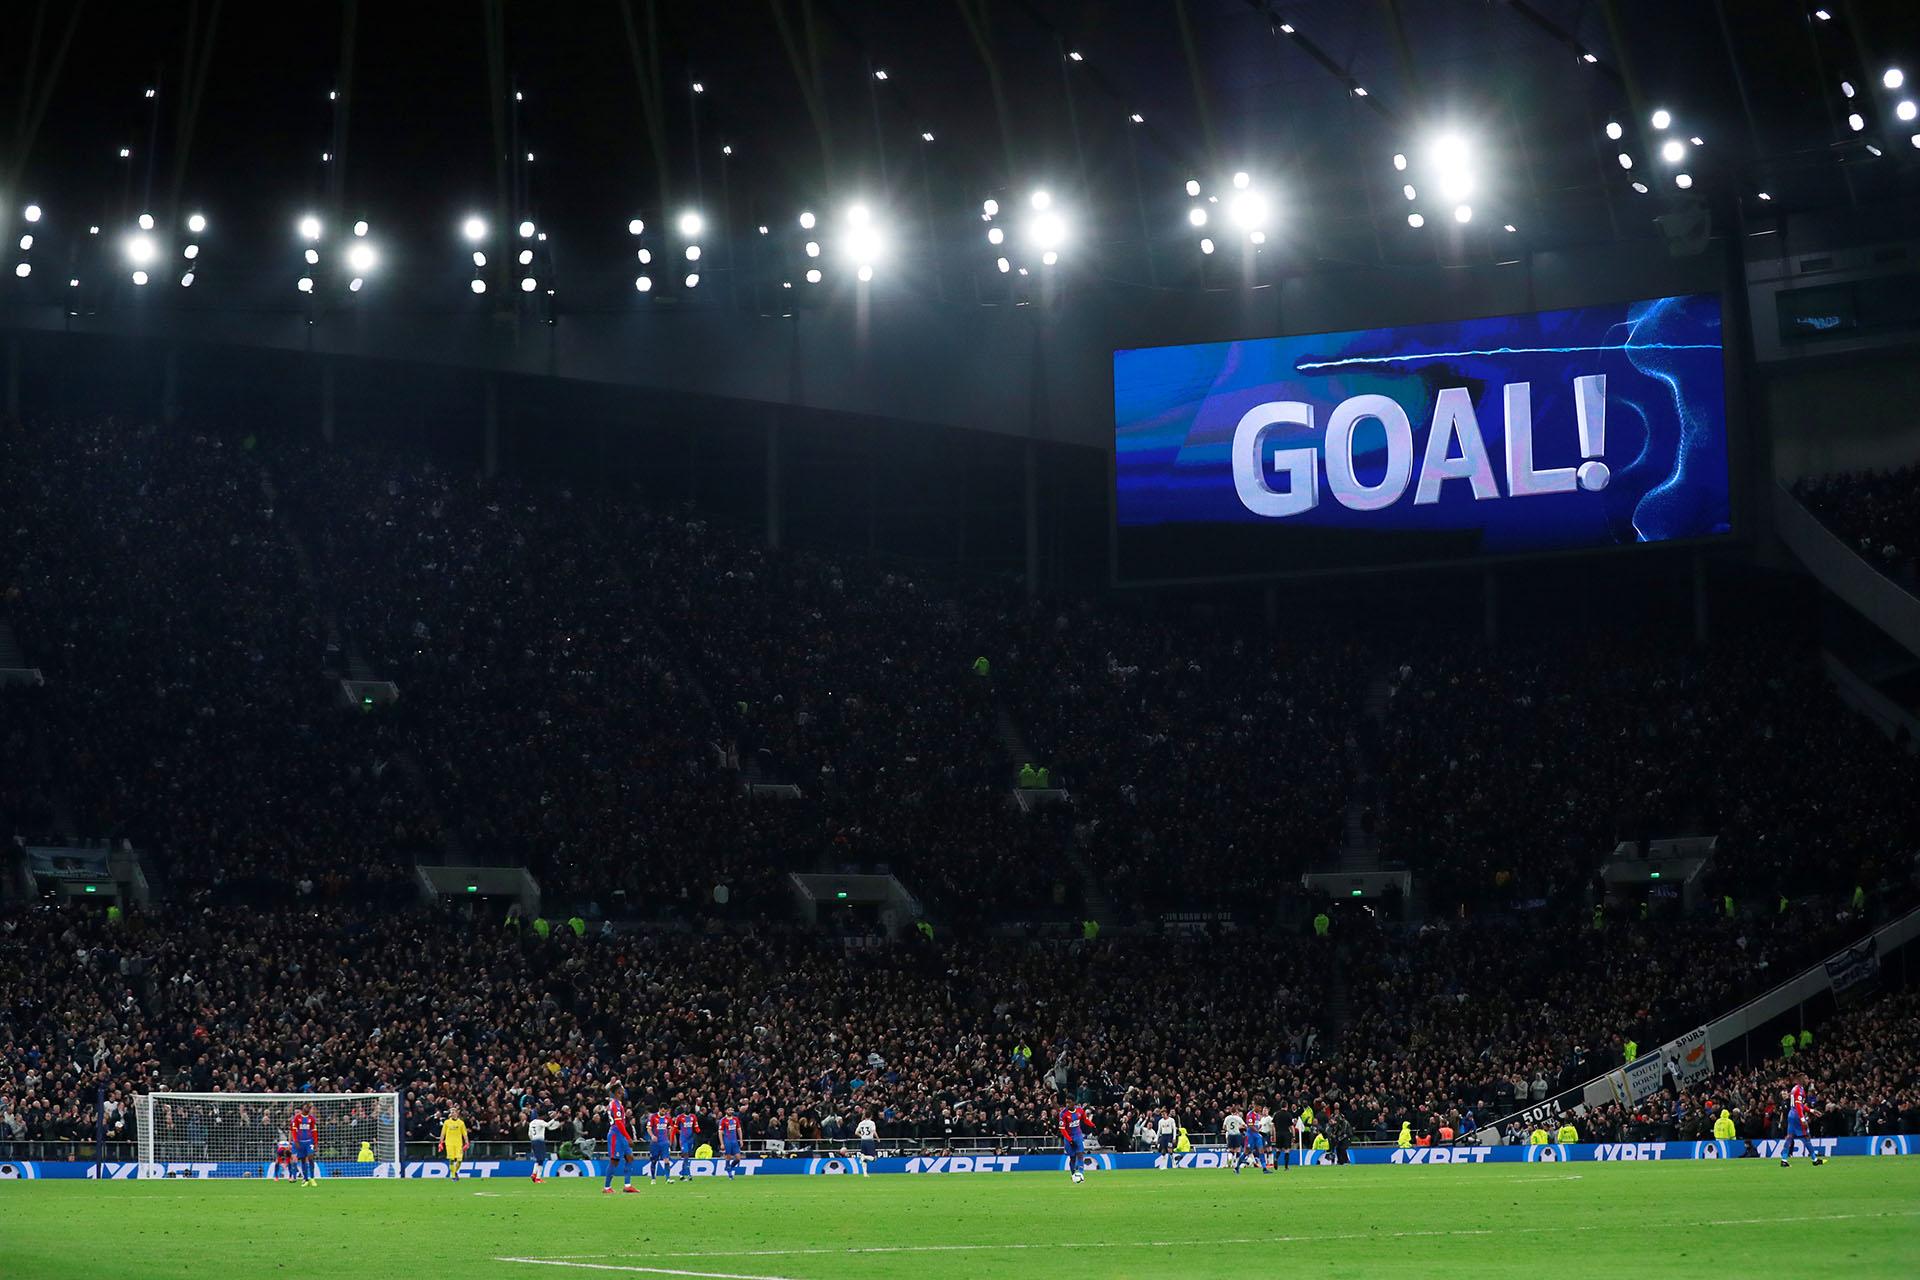 El estadio es el cuarto con mayor capacidad del Reino Unido, detrás deWembley (90.000), Millenium Stadium de Cardiff (74.500) y Old Trafford (75.000)